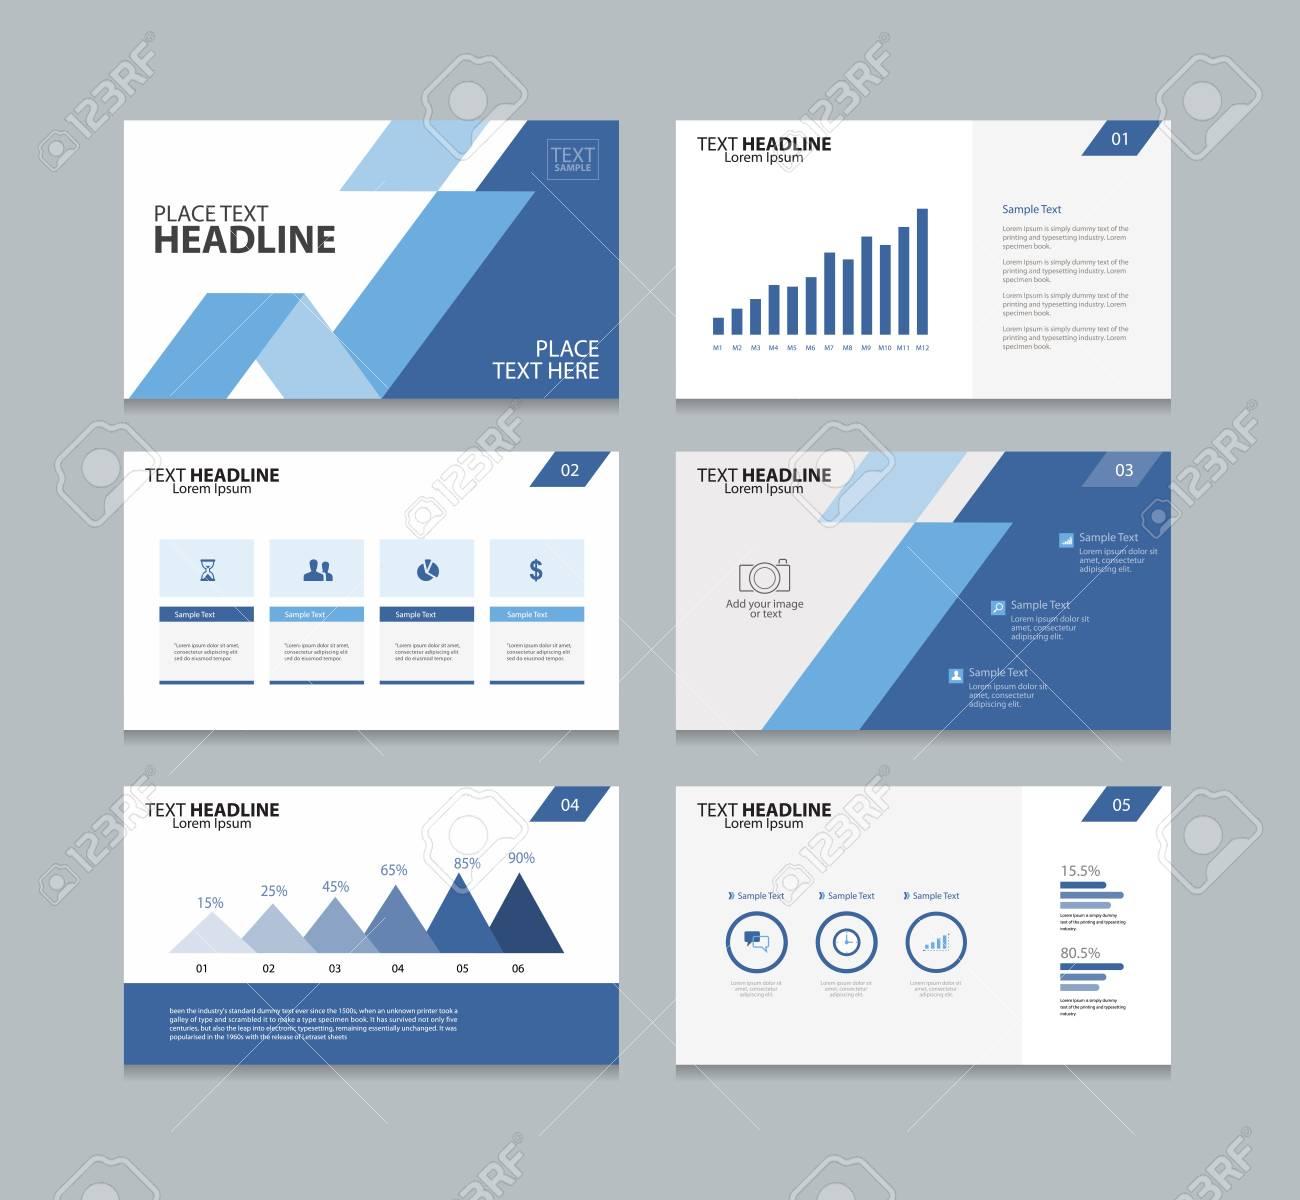 Diseño De La Plantilla De Diseño De Página Para La Presentación Y El ...